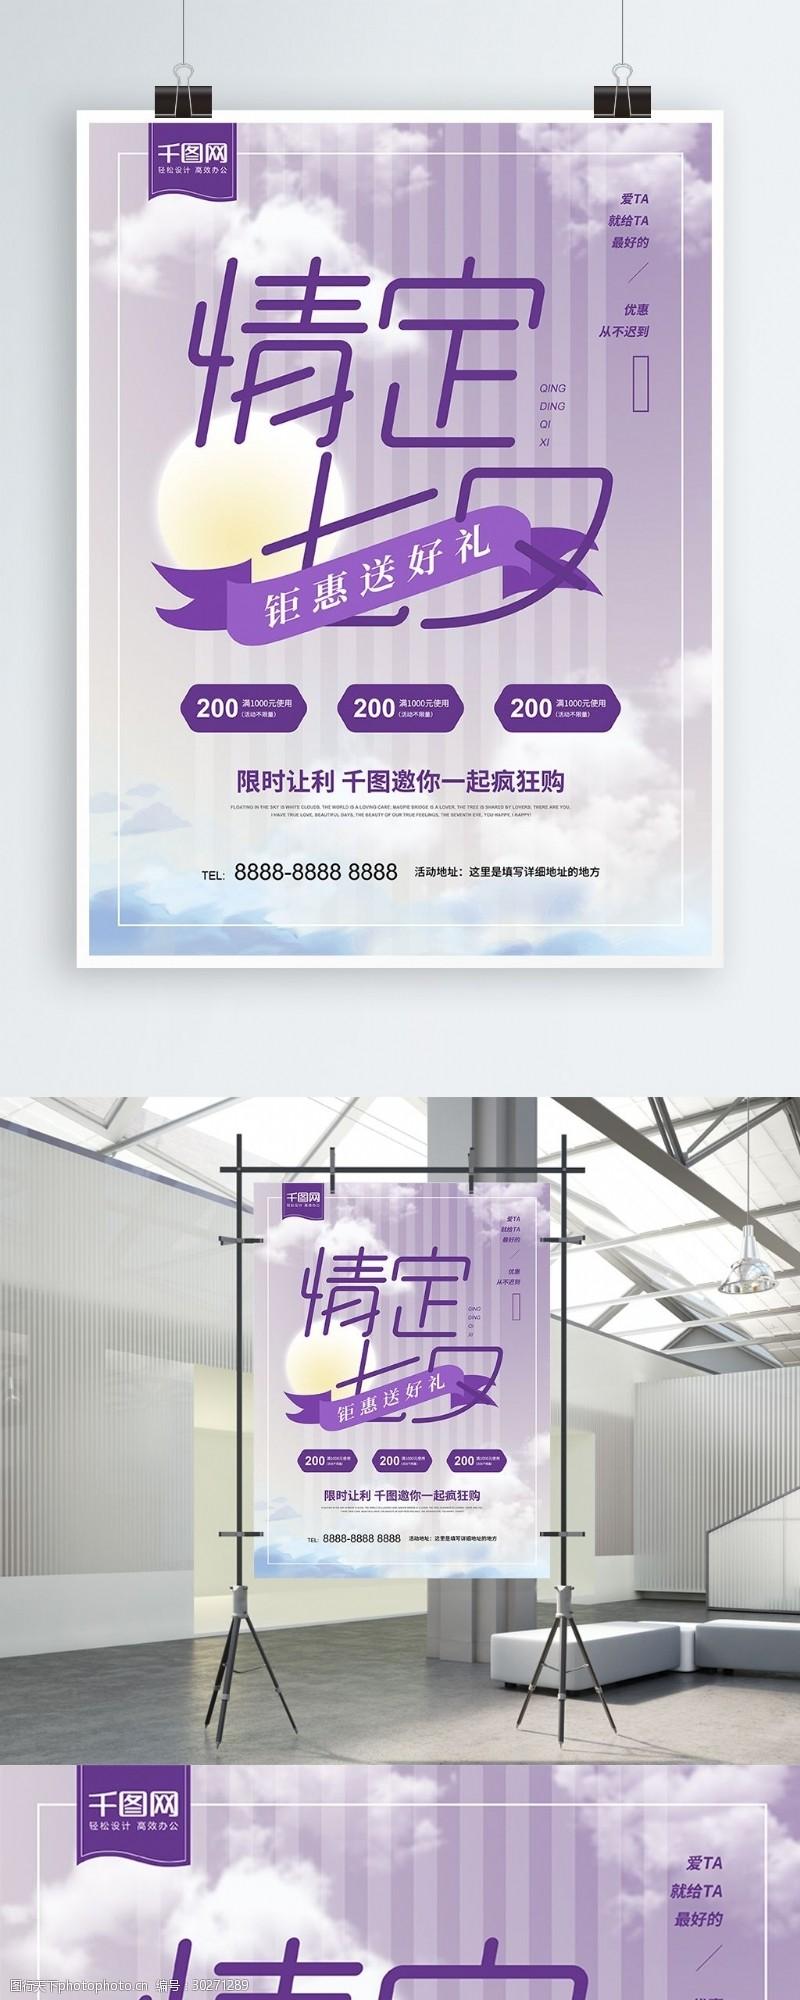 情定七夕活動海報七夕紫色飄帶促銷海報